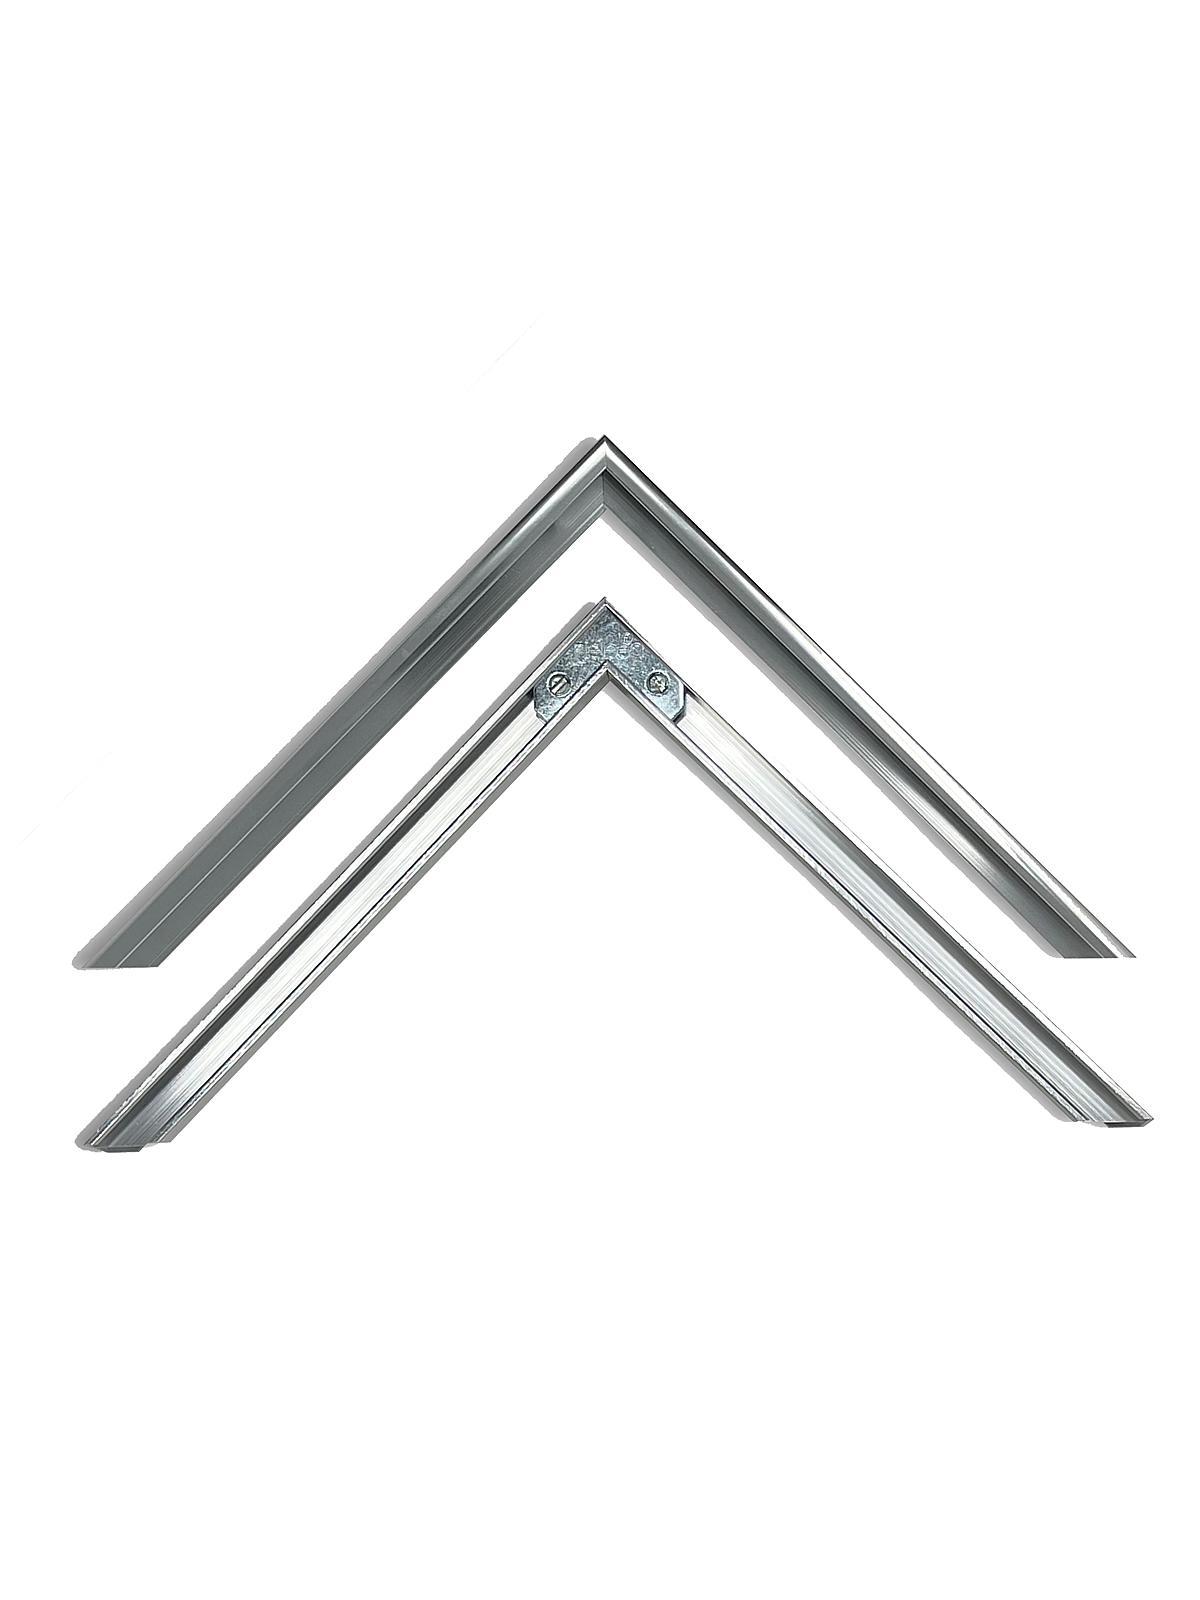 Nielsen Bainbridge Metal Frame Kit | MisterArt.com